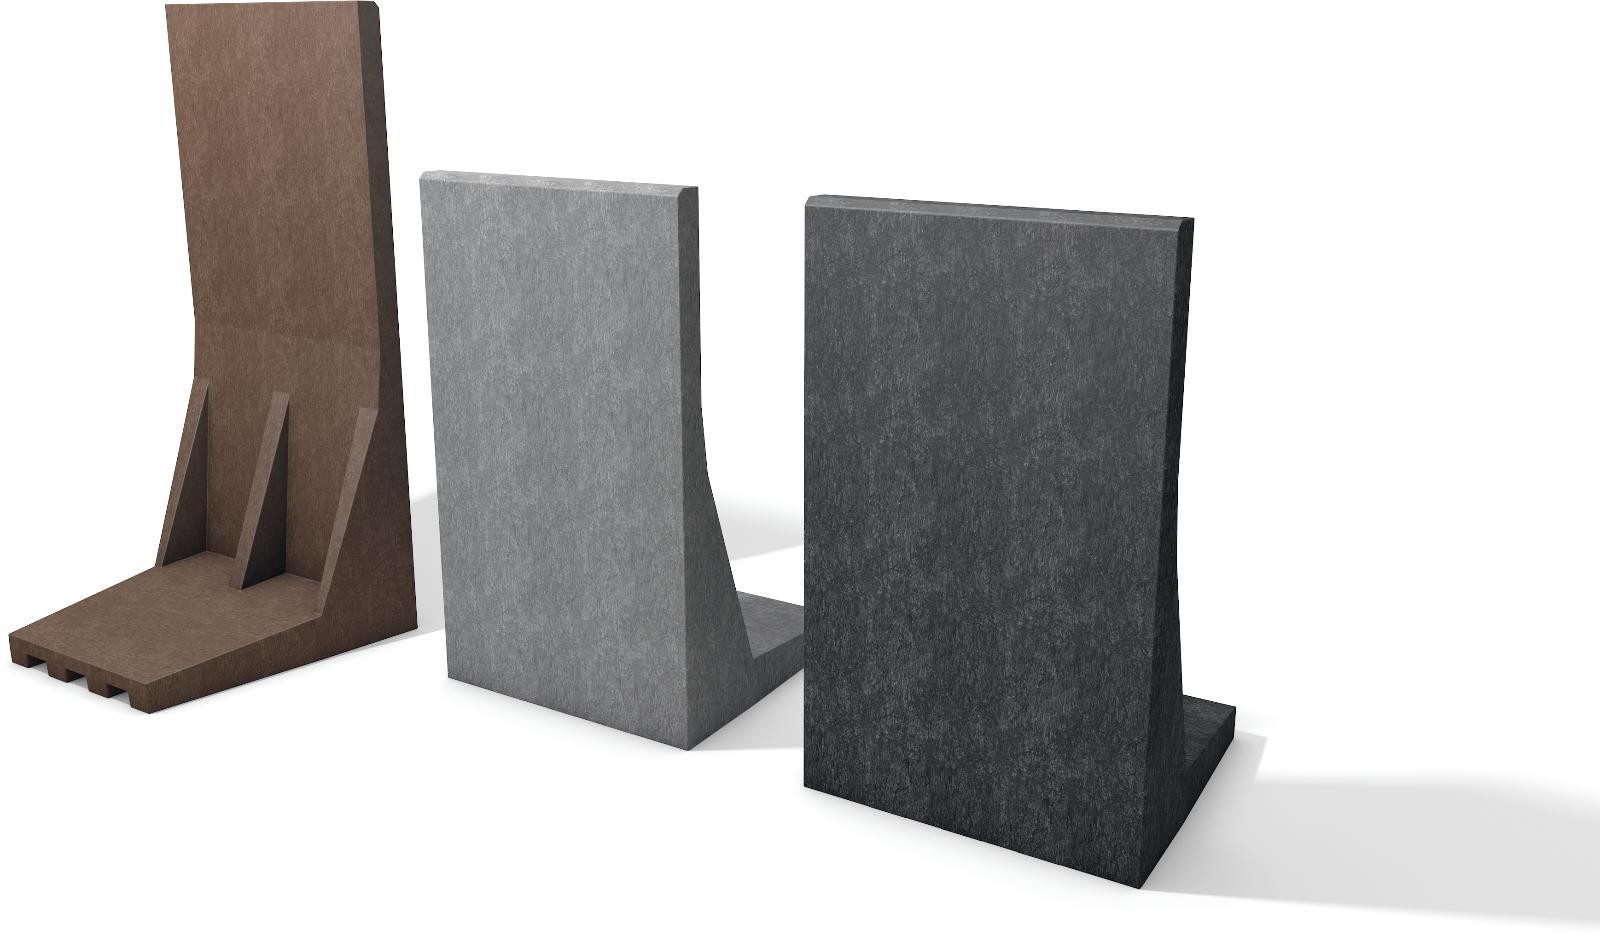 kunststoff palisaden rk shop recycling kunststoff produkte. Black Bedroom Furniture Sets. Home Design Ideas